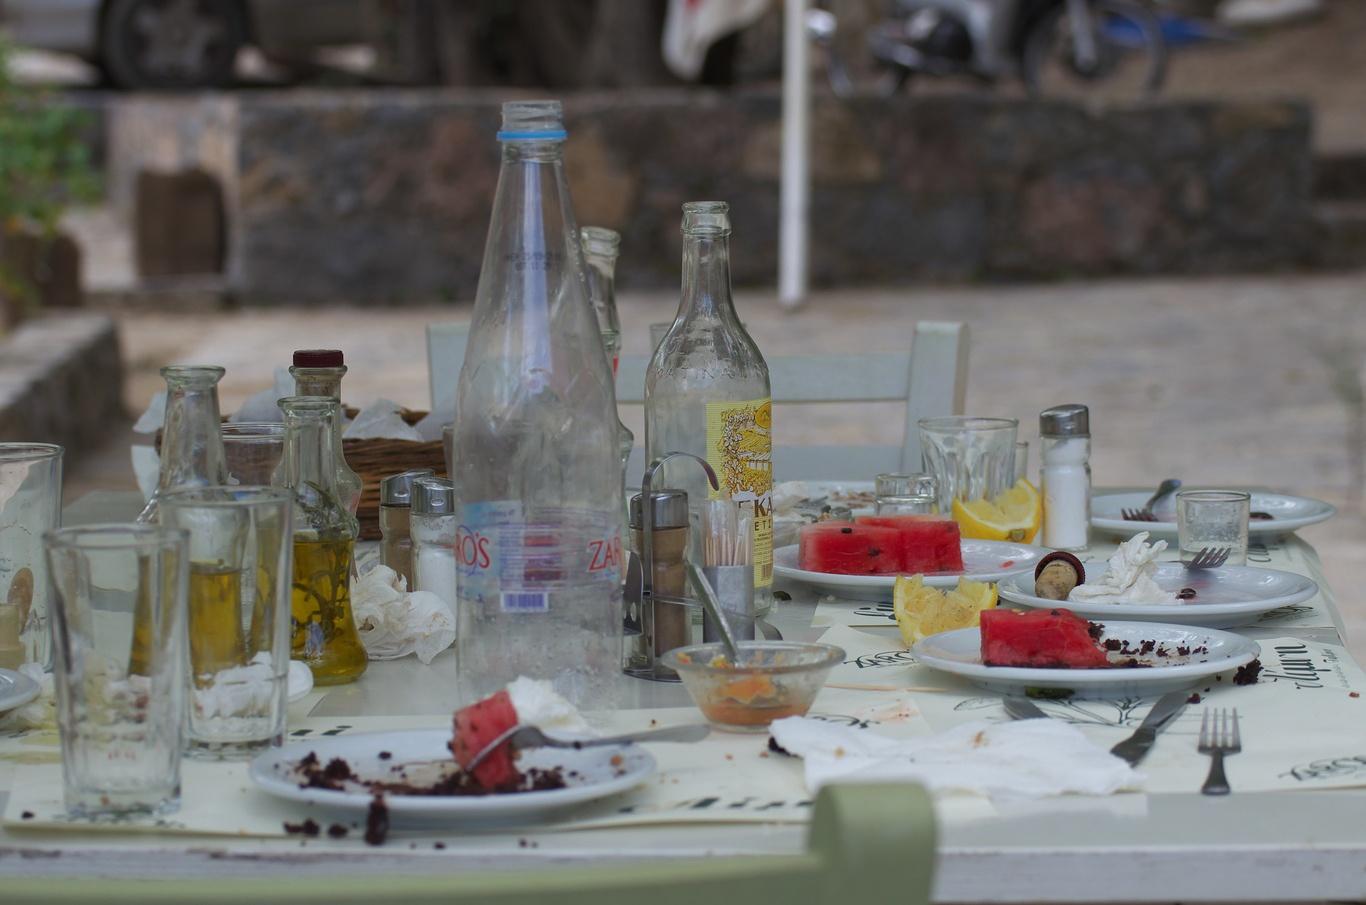 Řekové právě dojedli